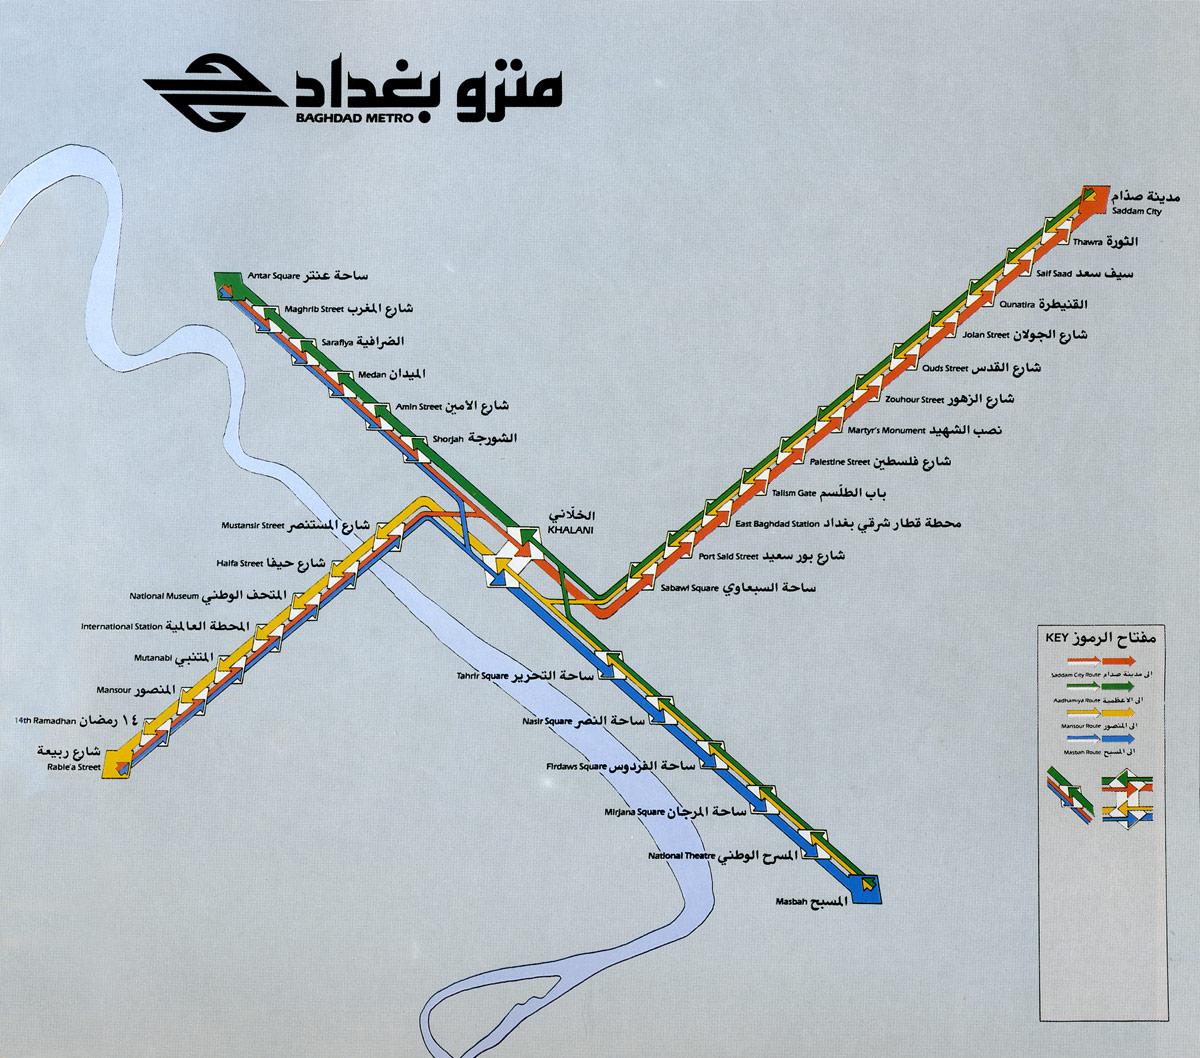 Transit 6